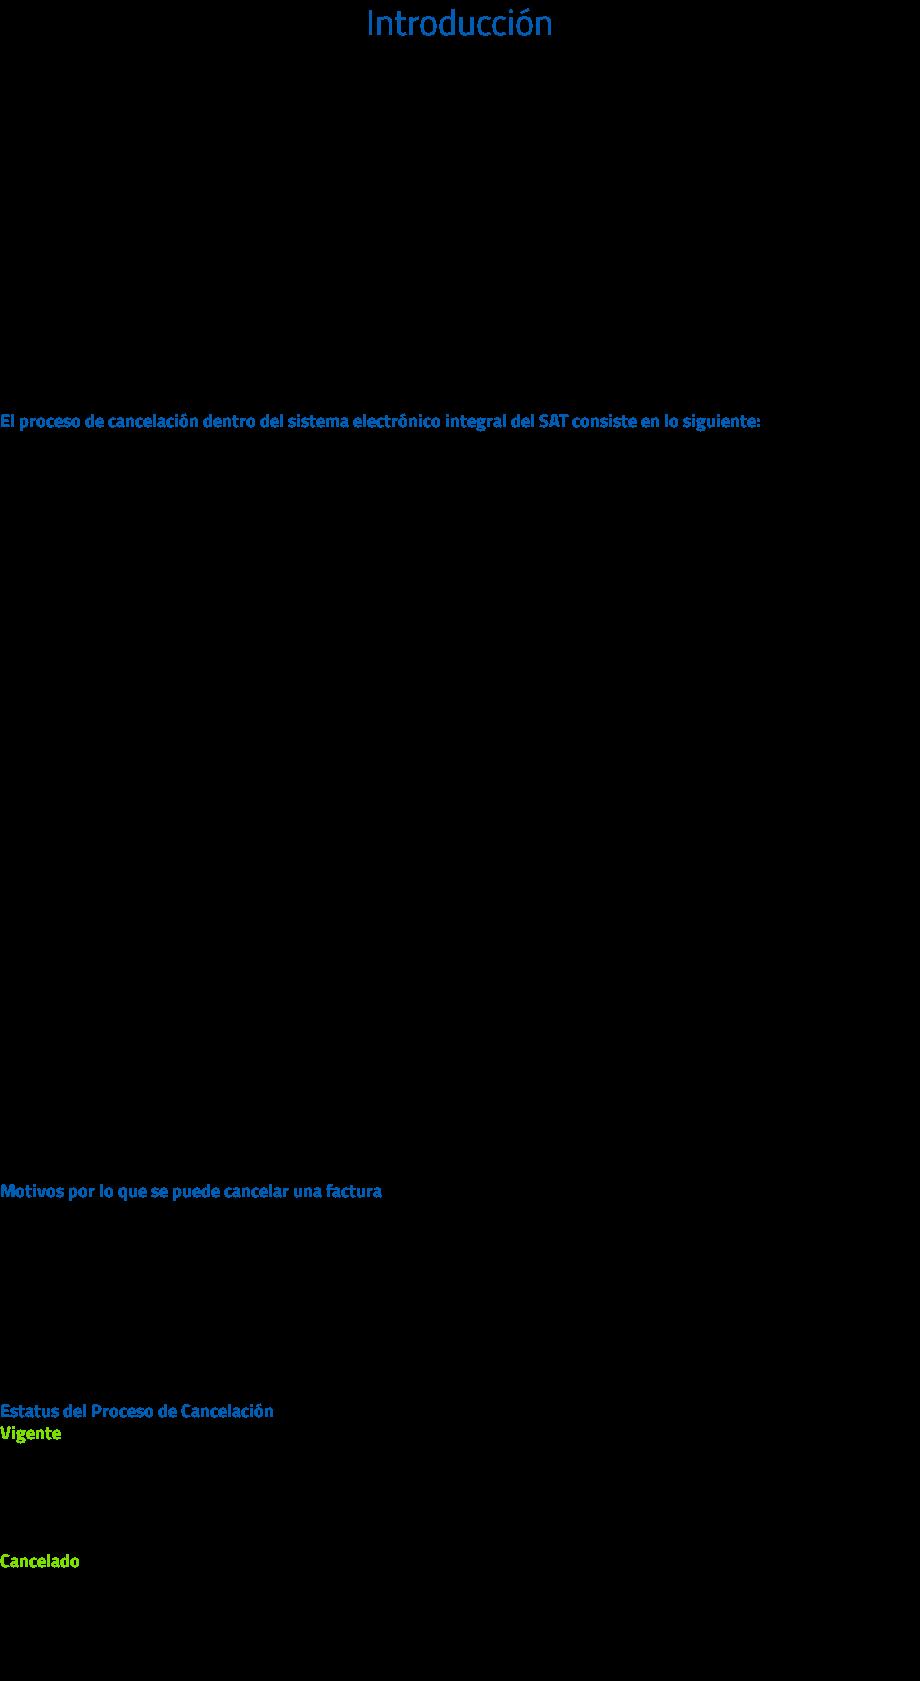 """Introducción Actualmente el proceso de cancelación de CFDI se genera por el emisor de forma automática, lo que provoca el problema de cancelaciones injustificadas o dolosas de facturas o comprobantes ya pagados. Con la reforma al Código Fiscal de la Federación (CFF) para el 2017 se modificó el Artículo 29-A, con el cual se habilita a los contribuyentes receptores del CFDI para que sean informados de dicha cancelación y estén en posibilidad de aceptarla o rechazarla. Para identificar si un CFDI es cancelable, existen tres estatus posibles: No Cancelable Cancelable sin aceptación Cancelable con aceptación No cancelable: son comprobantes que tienen por lo menos un documento relacionado vigente. El proceso de cancelación dentro del sistema electrónico integral del SAT consiste en lo siguiente: El emisor del CFDI envía una solicitud de cancelación al receptor de la factura, conforme al siguiente procedimiento: El emisor ingresa una solicitud de cancelación de un CFDI a traves del """"Servicio de Cancelación de Factura Electrónica"""" en el Portal del SAT. El Buzón Tributario recibirá del """"Servicio de Cancelación de Factura Electrónica"""" los siguientes datos: RFC, Nombre del emisor y folio(s) fiscales de la(s) factura(s) a cancelar y enviará un mensaje de interés al correo electrónico del receptor del CFDI con la siguiente información: * Recibiste una solicitud de cancelación de factura, consulta tu Buzón Tributario. El receptor del CFDI ingresa al Buzón Tributario y procede a abrir la notificación (mensaje) de la solicitud de cancelación recibida, mismo que contendra lo siguiente: a) Mensaje 1 <<Nombre emisor>> solicita la cancelación de la(s) factura(s) con folio(s) <<números de folio>>, cuentas con tres días a partir de la fecha del depósito de este mensaje, para aceptar o rechazar la solicitud de cancelación; en caso de que no envíes una respuesta, la cancelación se aceptará automáticamente. b) Mensaje 2 <<Nombre emisor>> solicita la cancelación de la(s) factura(s) con folio"""